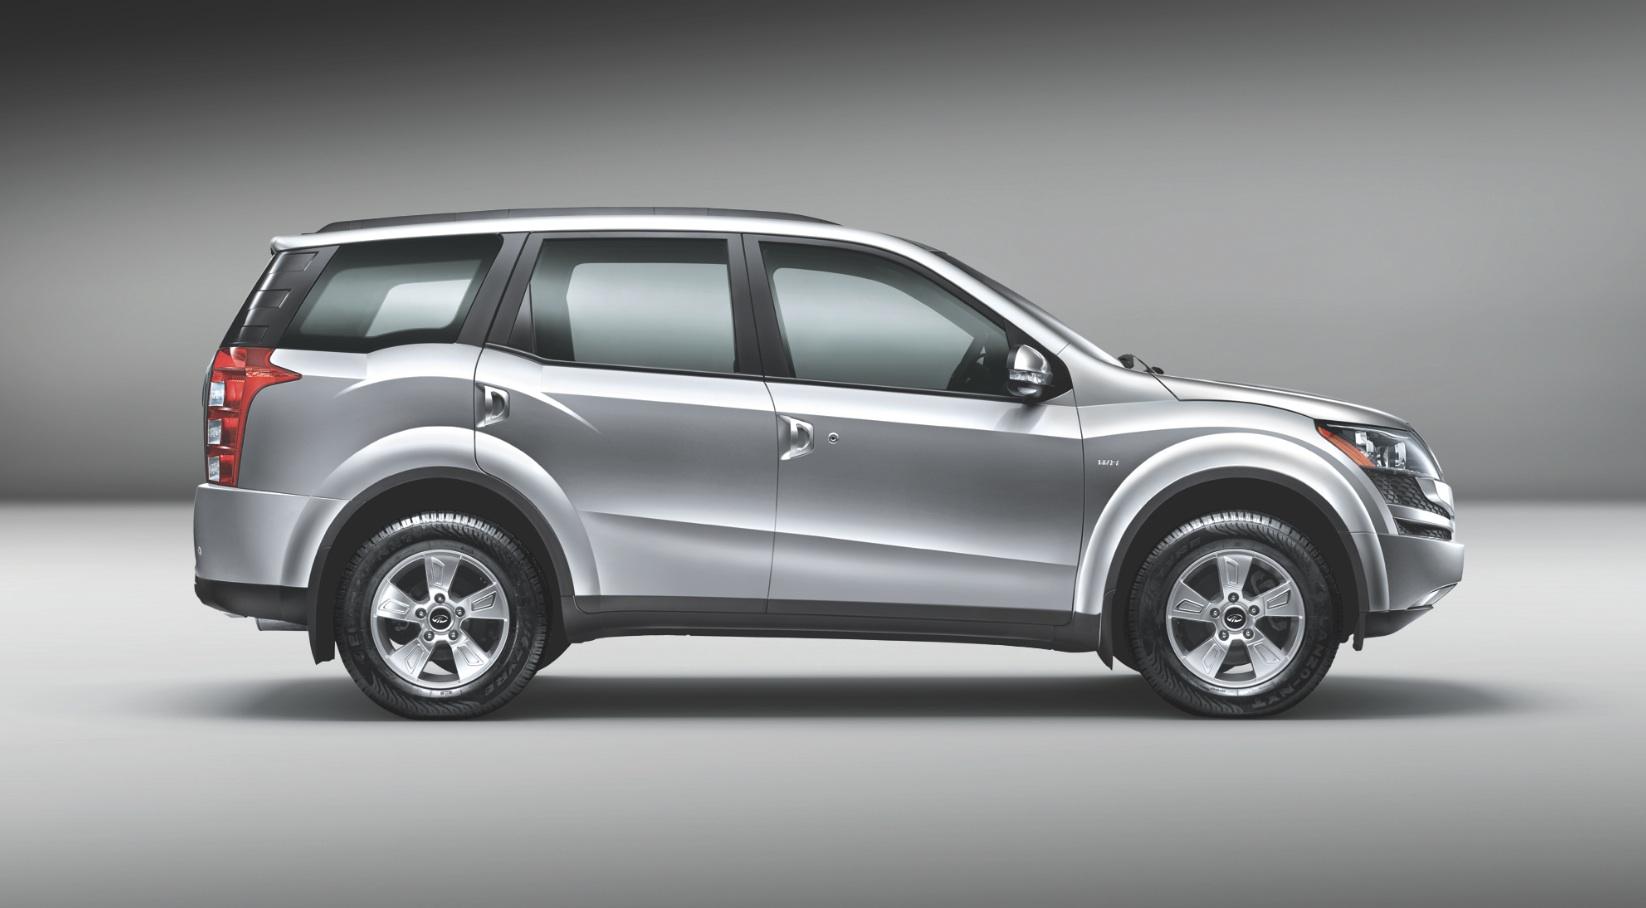 Mahindra XUV 500 2014